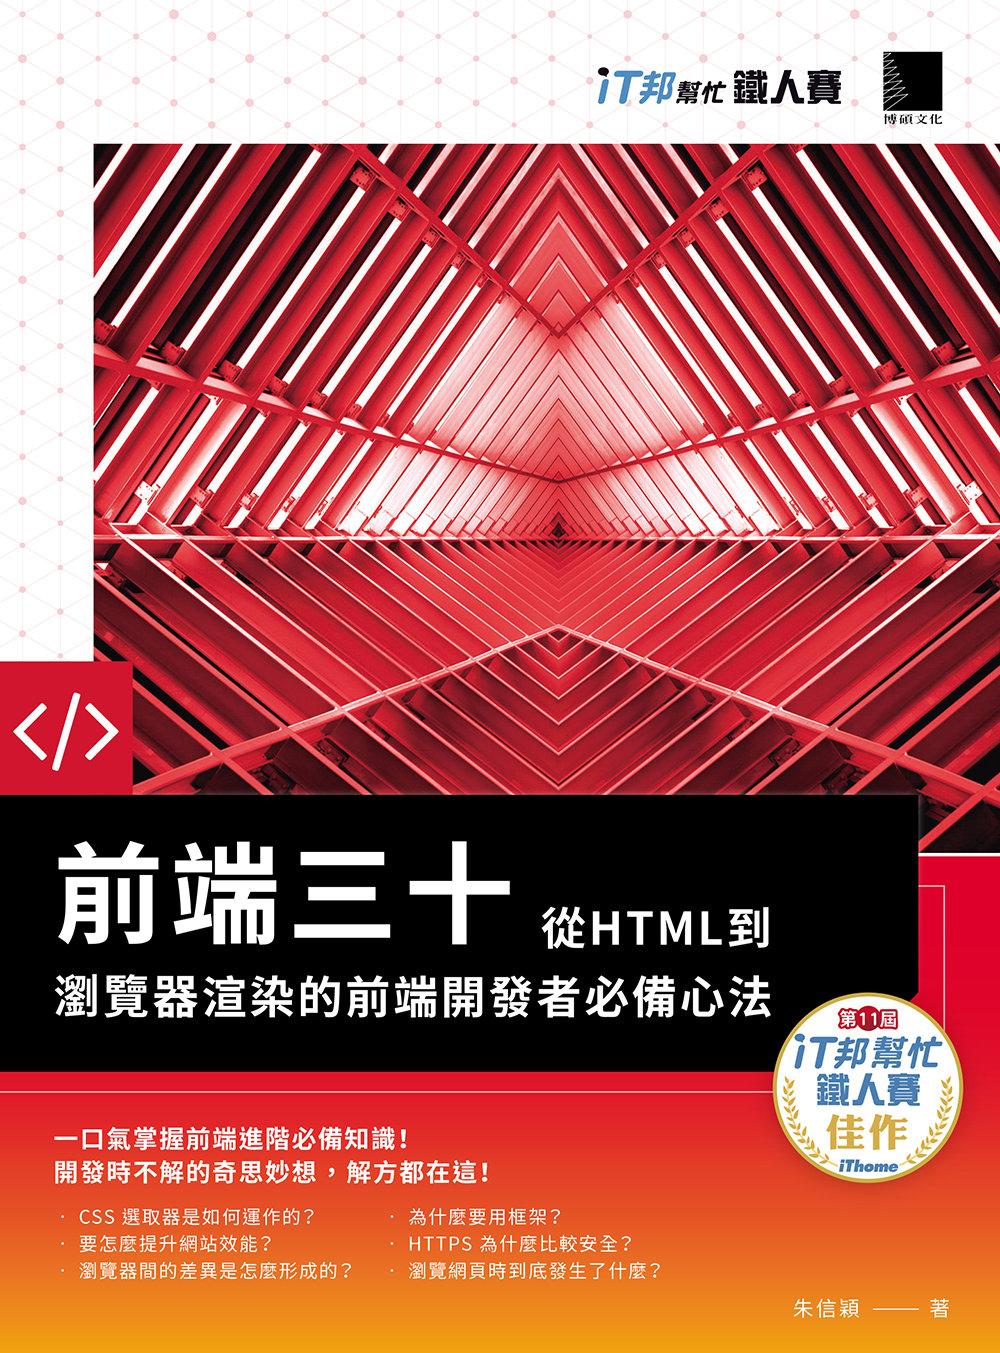 前端三十:從 HTML 到瀏覽器渲染的前端開發者必備心法(iT邦幫忙鐵人賽系列書)-preview-1